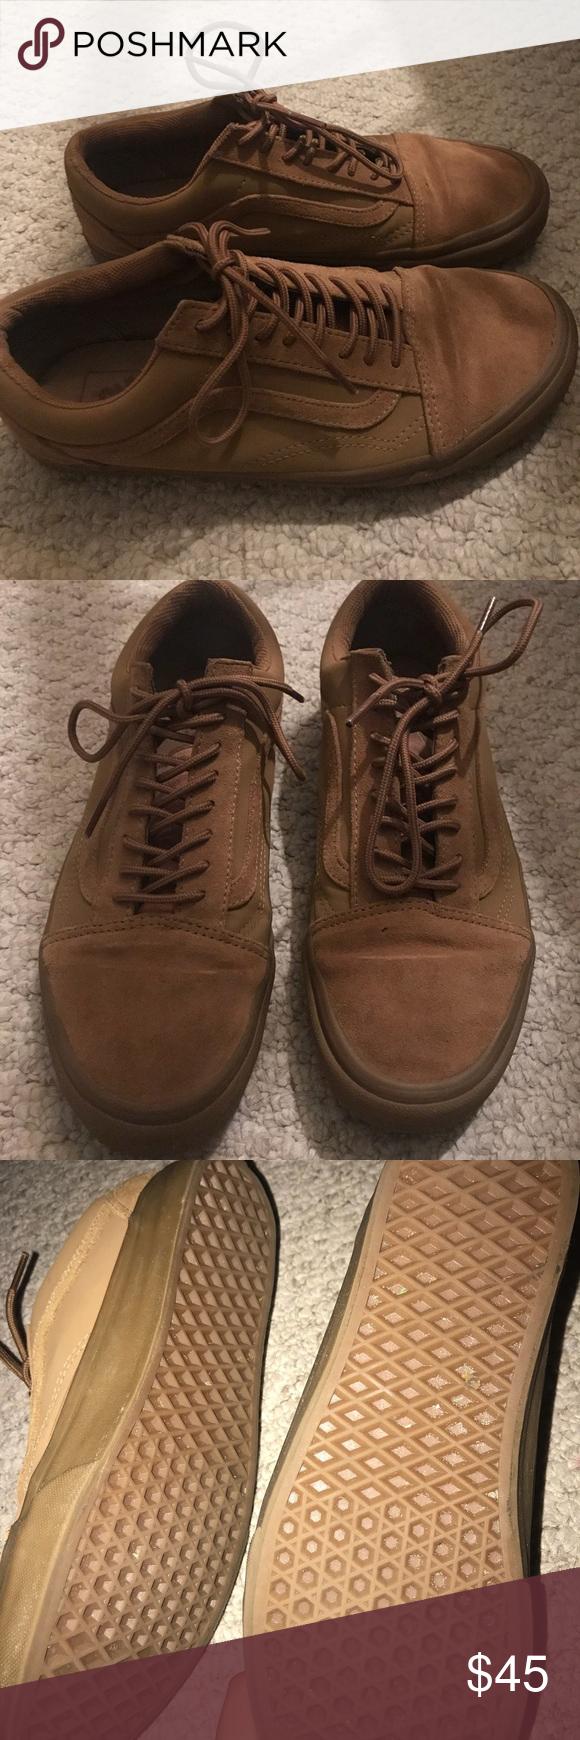 Tan vans 9.5 men 11 women Vans. Worn twice. Like new condition. Size 9.5  men s 11 women s. All Tan brown color. Vans Shoes Sneakers 1f20cf68d